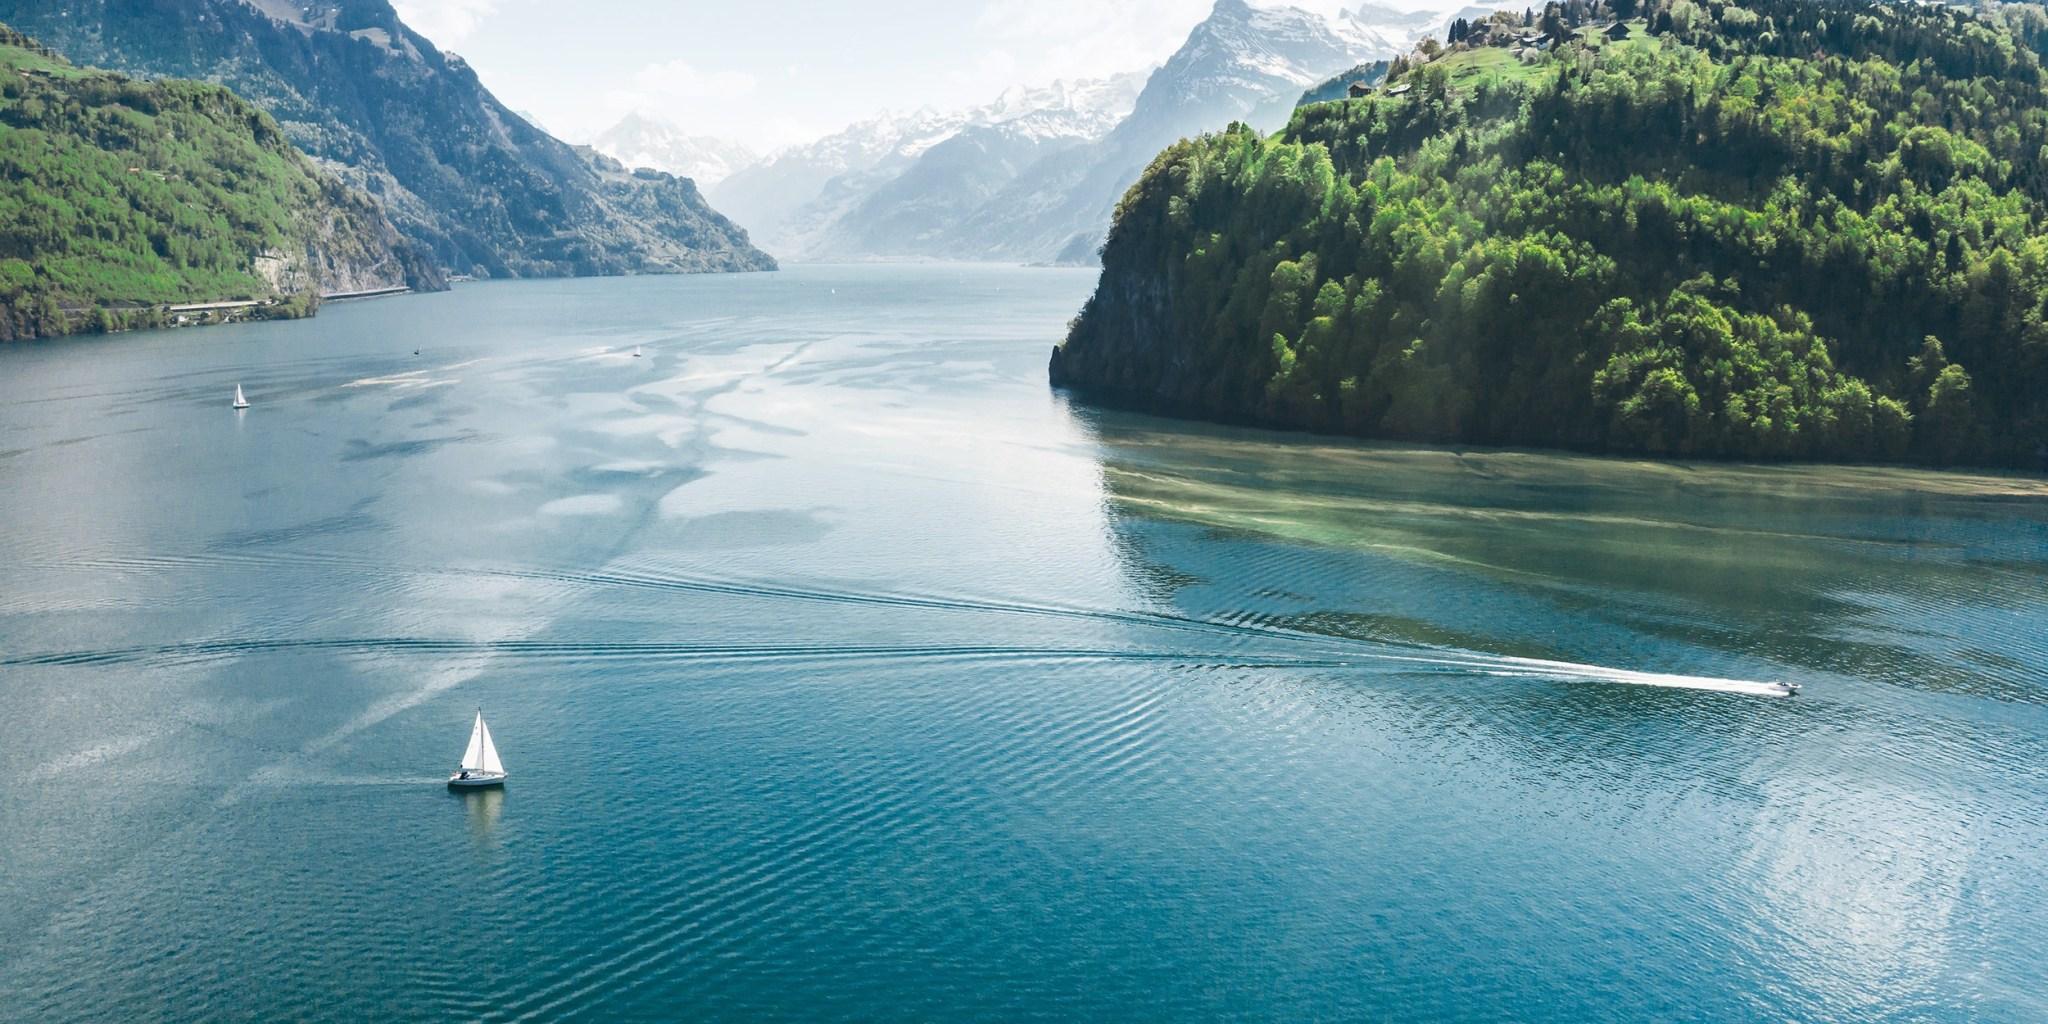 Landschaft mit Segelboot, See und Wald